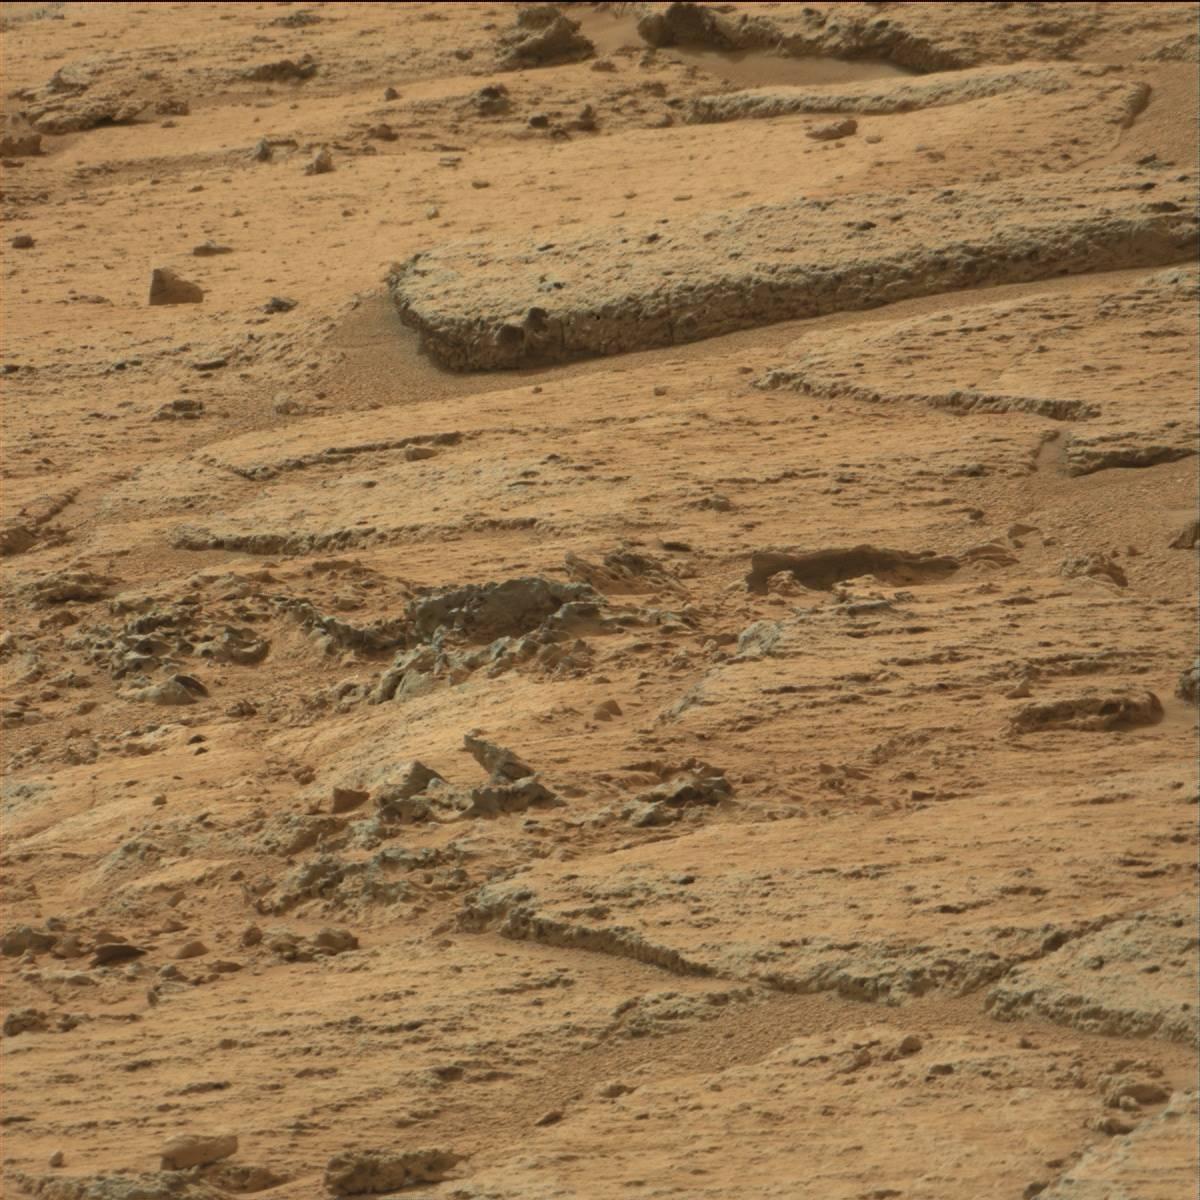 nasa images of mars - photo #21